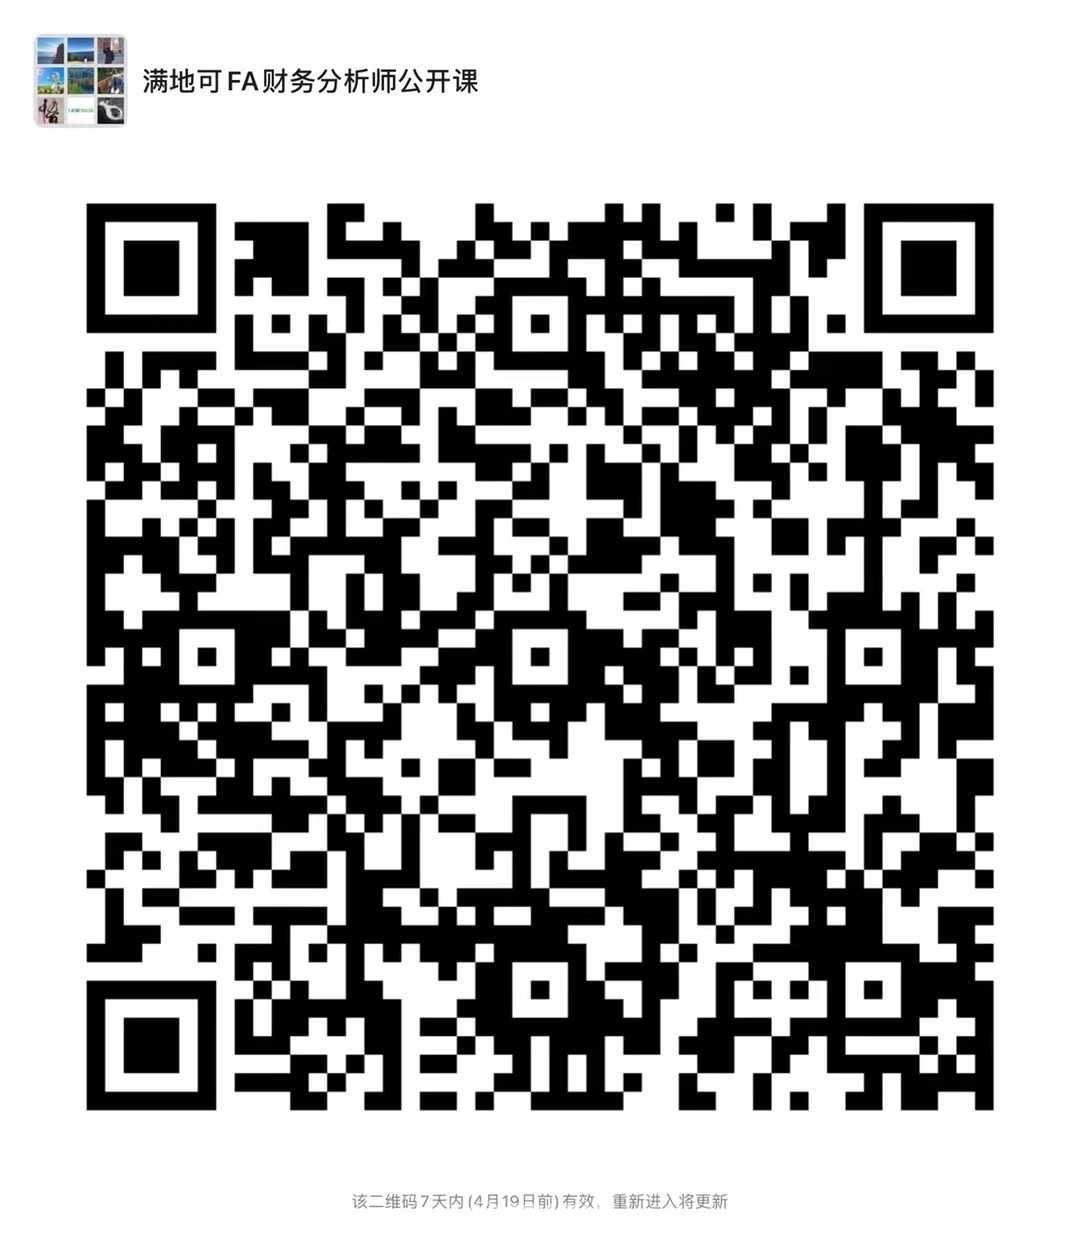 674ffd5c5c8c02eb32b807292f915ed.jpg